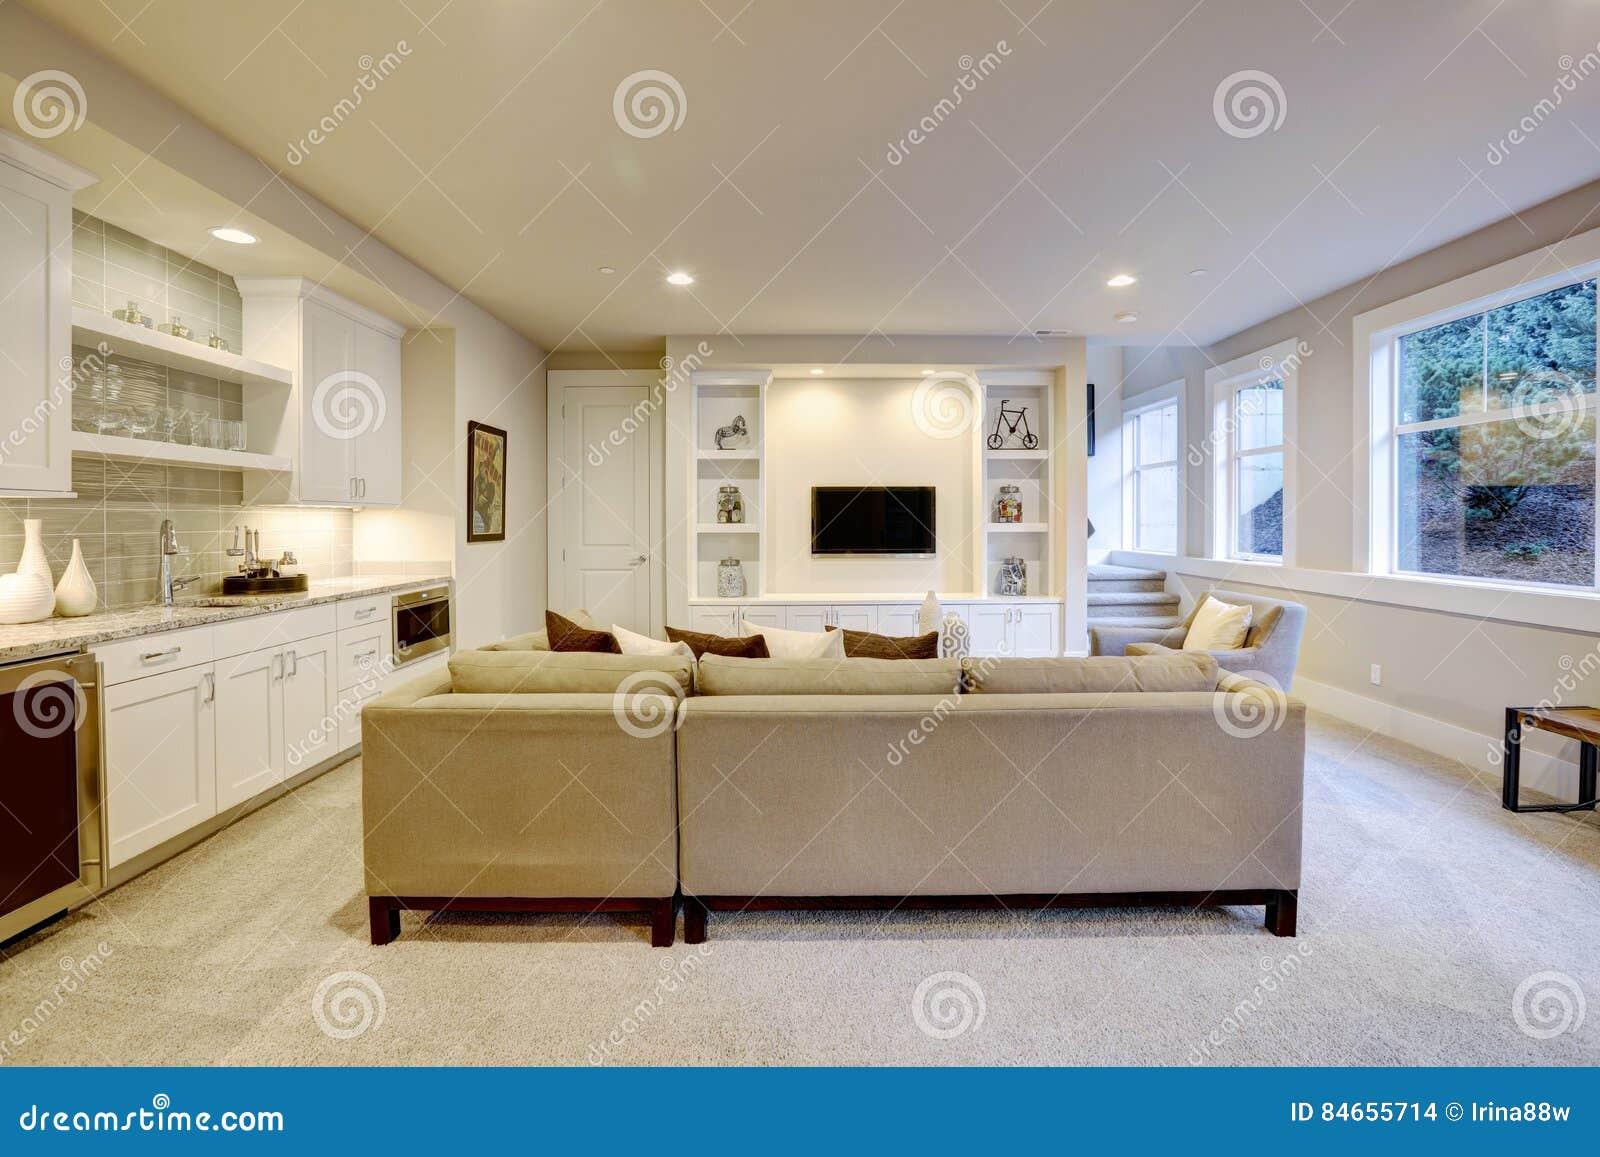 salon chic de sous sol avec le mini bar photo stock image du lifestyle luxe 84655714. Black Bedroom Furniture Sets. Home Design Ideas